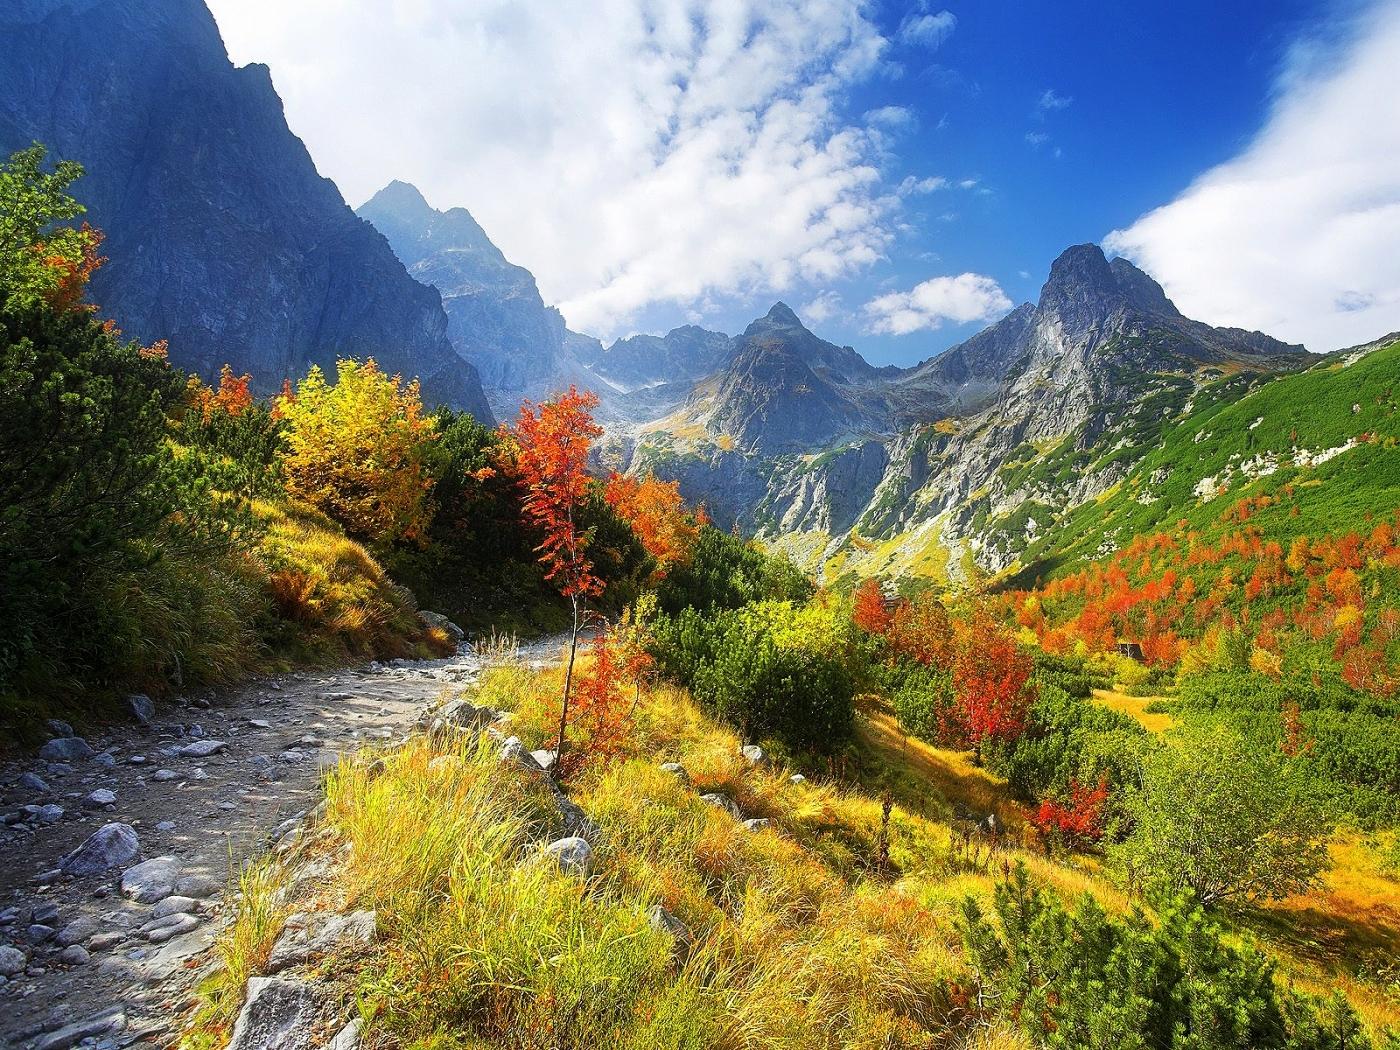 24742 скачать обои Пейзаж, Деревья, Горы - заставки и картинки бесплатно